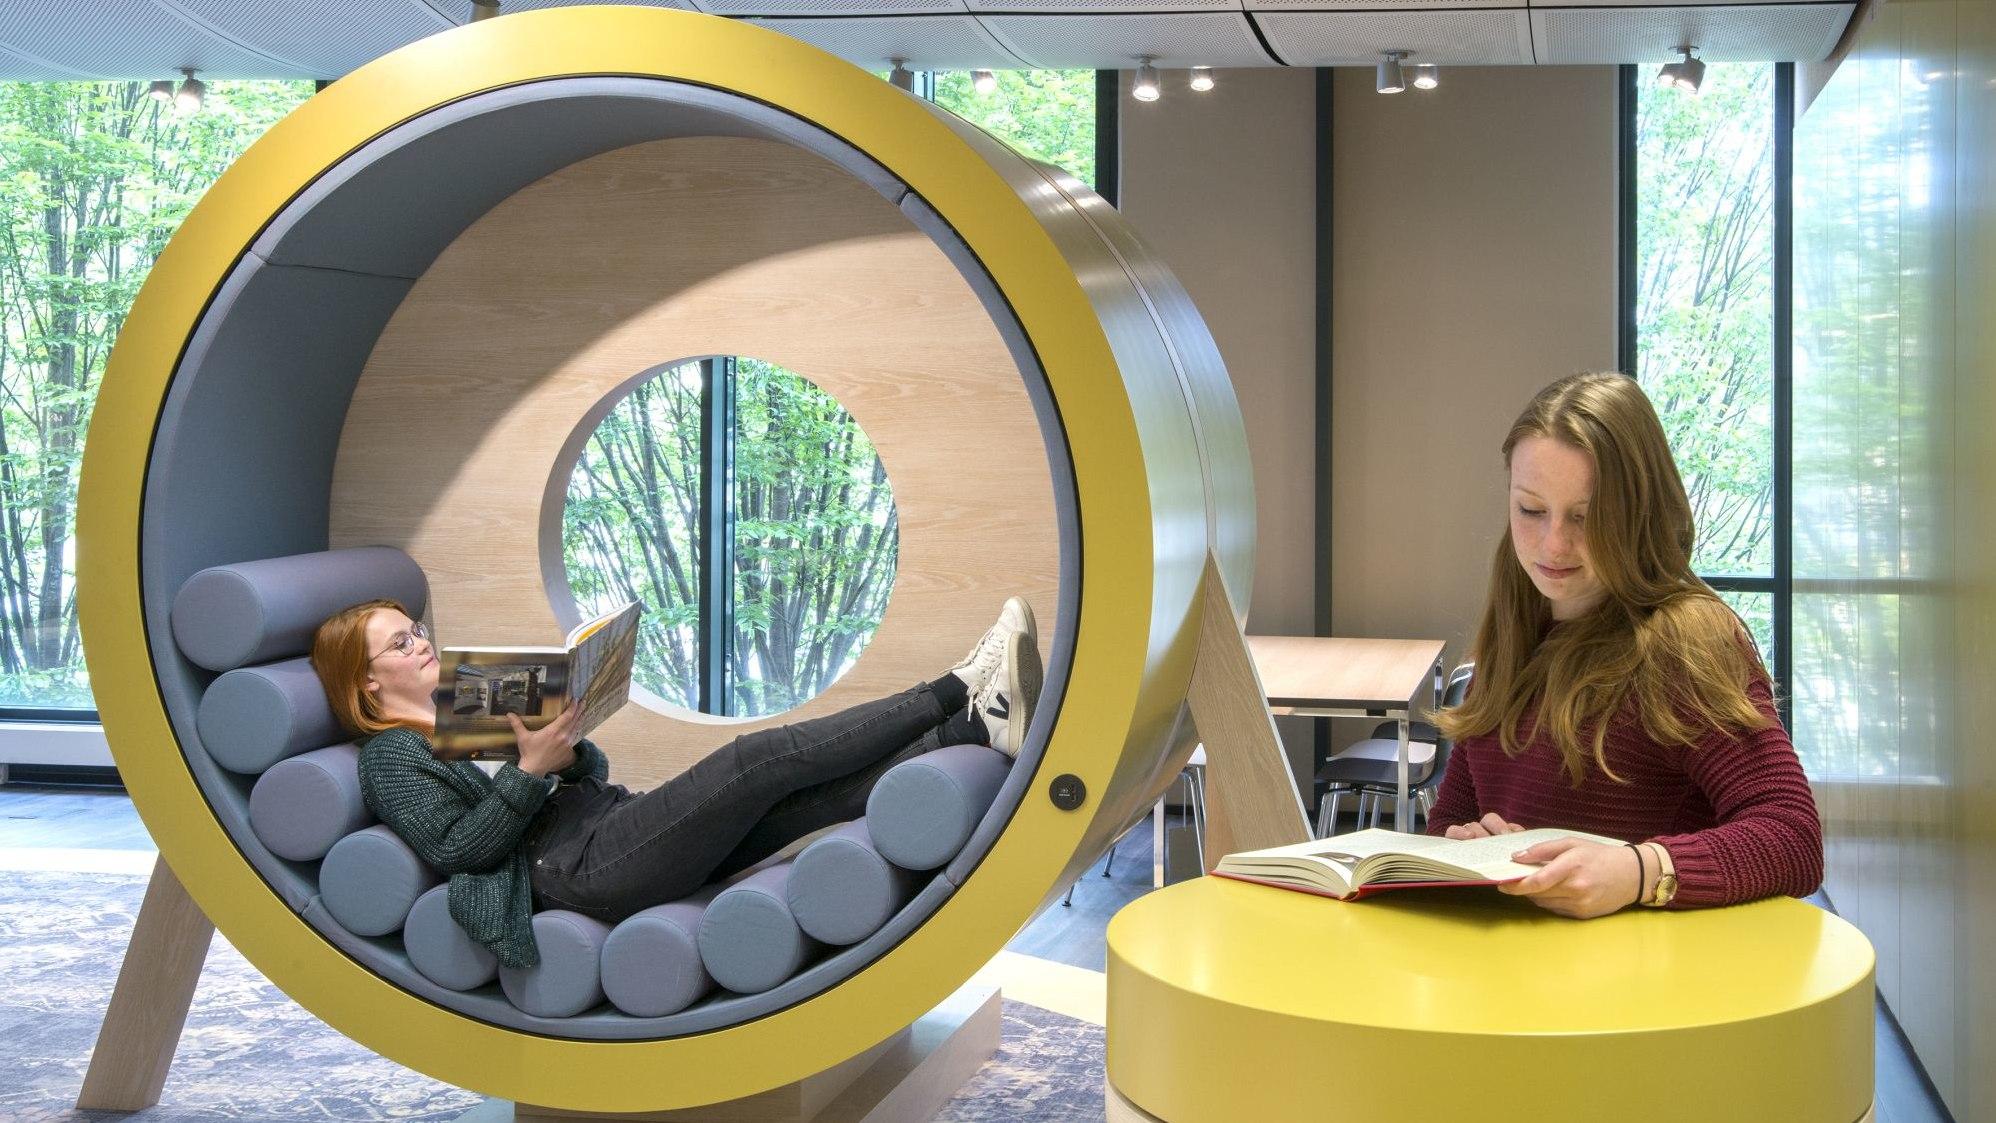 Besucherinnen sitzen in der Lounge und lesen